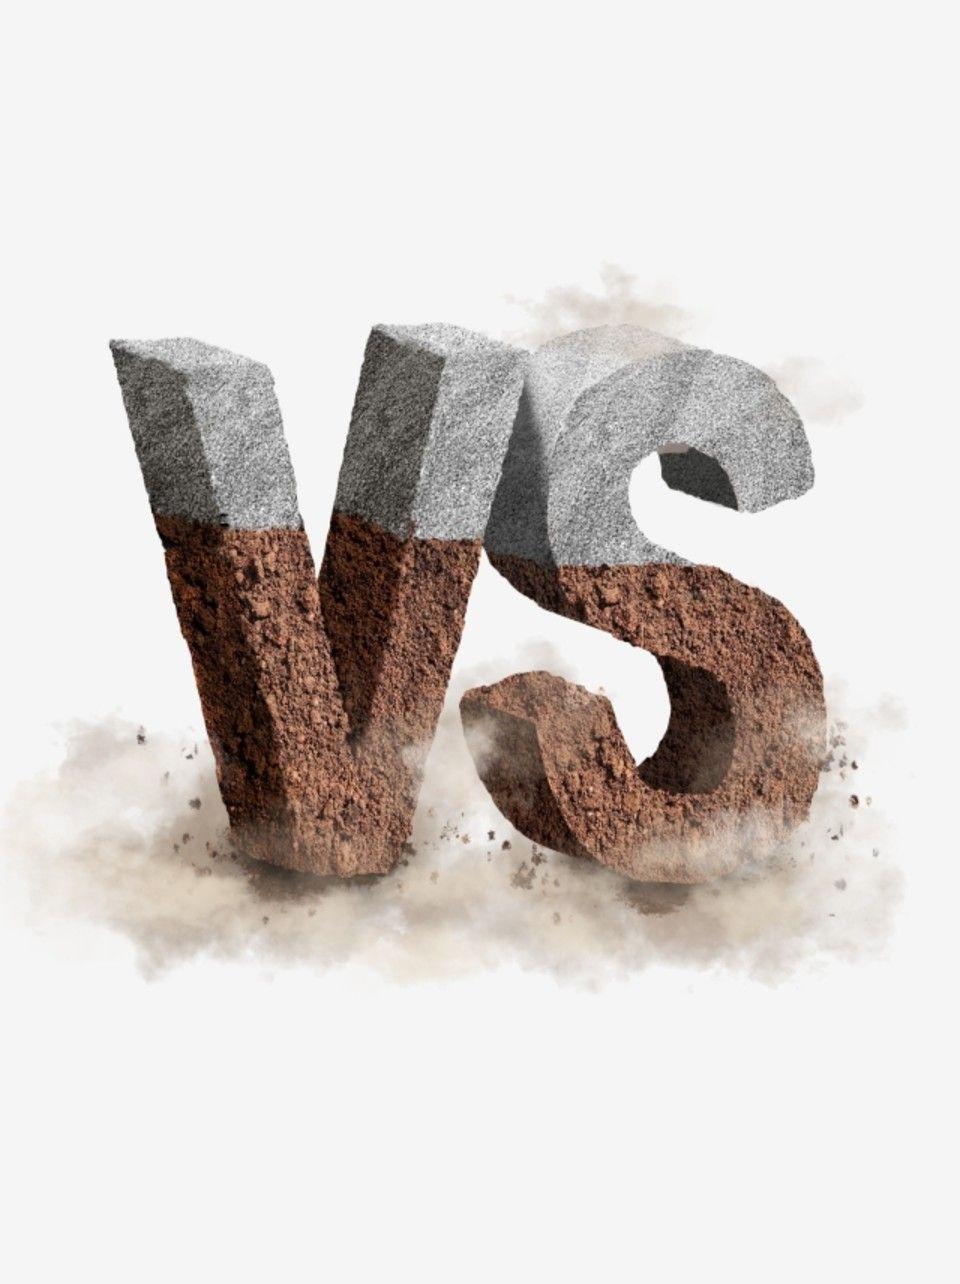 ثلاثي الأبعاد كلمة Vs المواد المركبة كلمة فنية شخصيات ثلاثية الأبعاد كلمة الفن Png صورة للتحميل مجانا Three Dimensional Clip Art Creative Typography